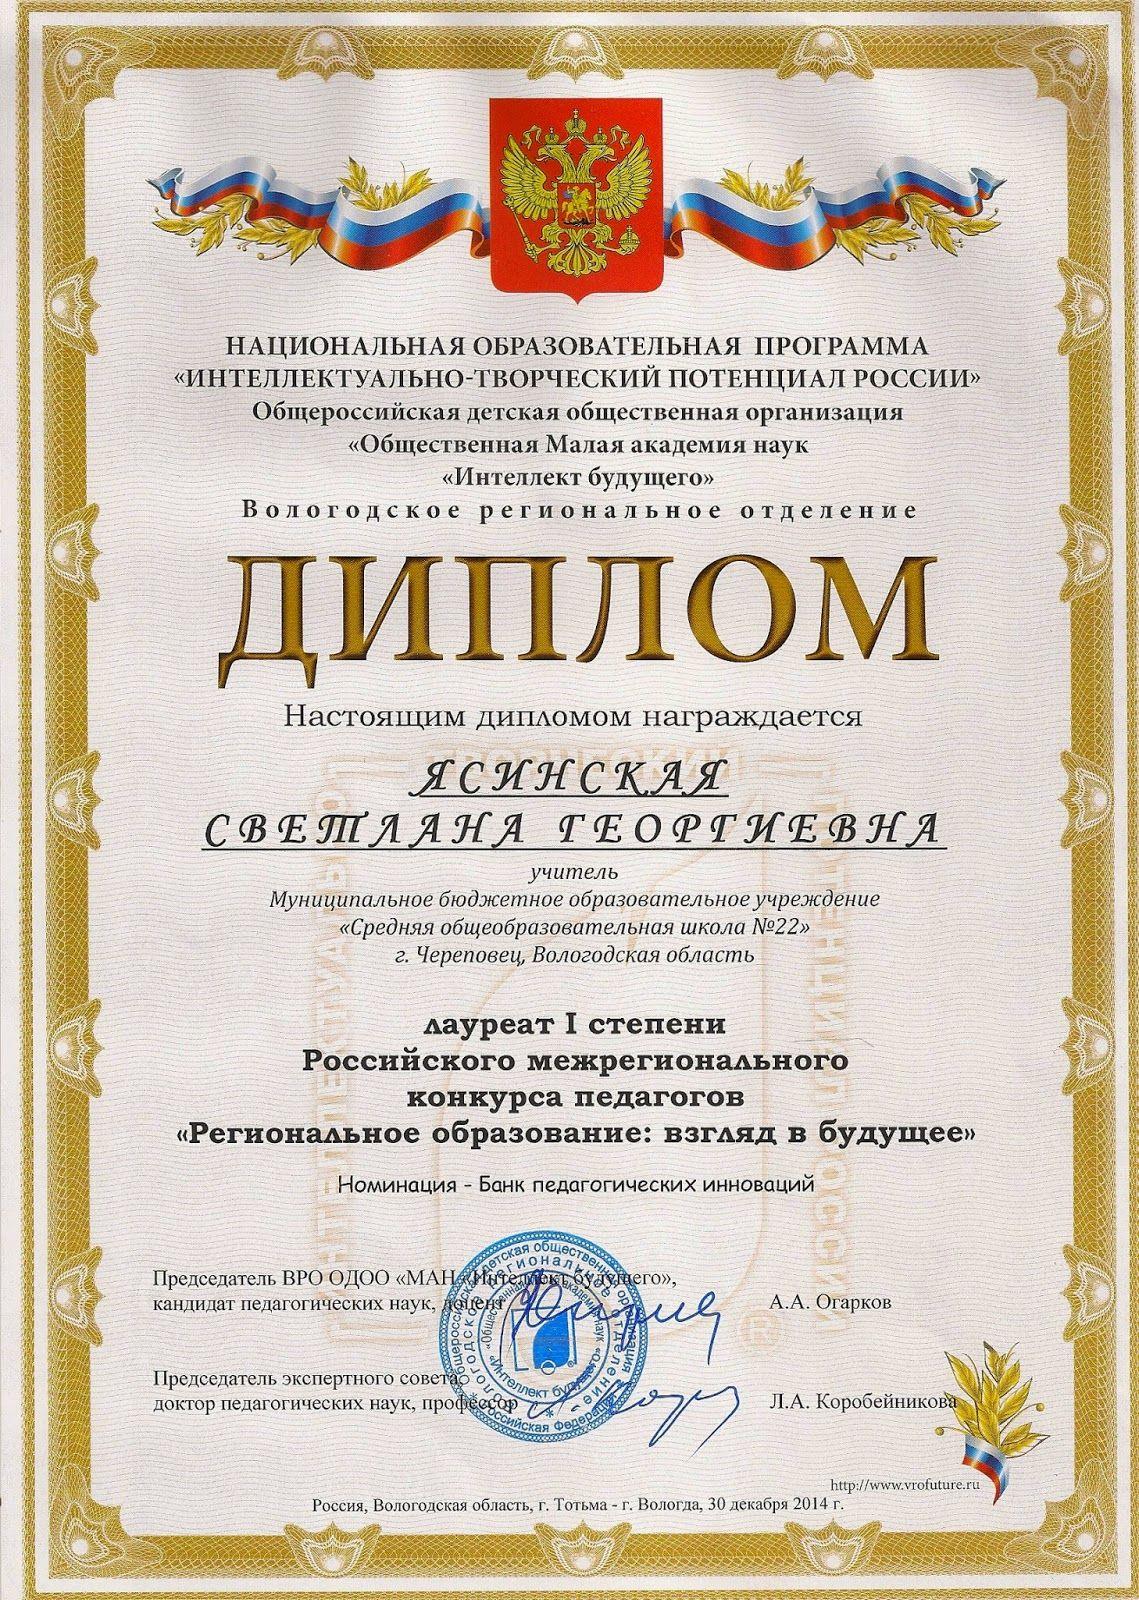 диплом мастер класса образец Поиск в google сертификаты  диплом мастер класса образец Поиск в google